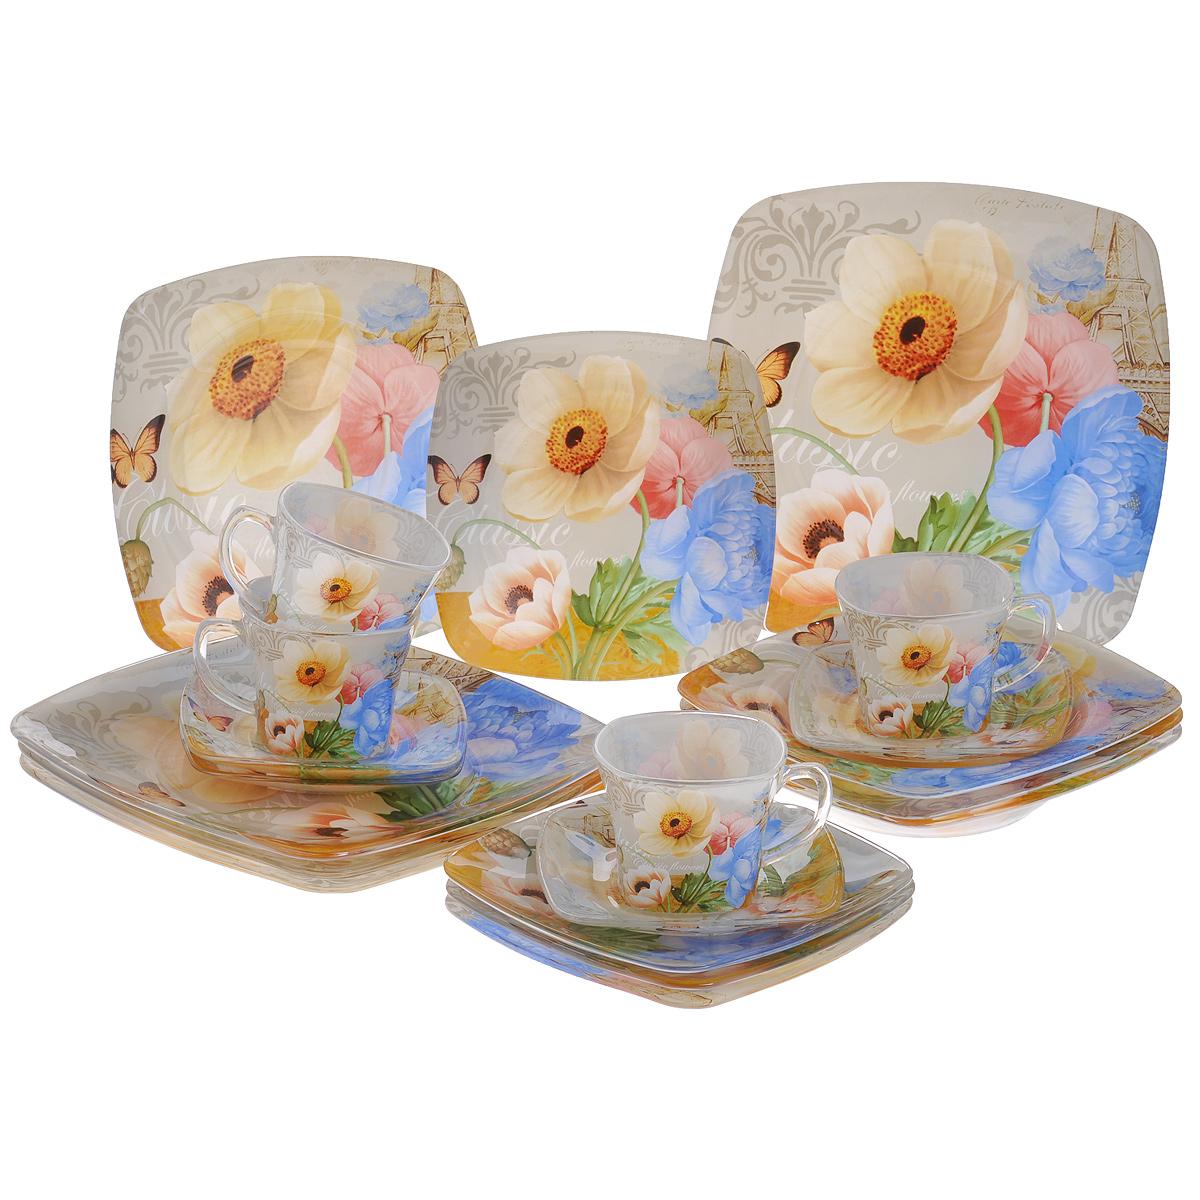 Набор посуды Цветы, 20 предметов115510Набор посуды состоит из 4 чашек, 4 блюдец, 4 тарелок для супа, 4 обеденных тарелок, 4 десертных тарелок. Изделия выполнены из высококачественного стекла и оформлены изображением цветов. Этот набор эффектно украсит стол к обеду, а также прекрасно подойдет для торжественных случаев. Красочность оформления придется по вкусу и ценителям классики, и тем, кто предпочитает утонченность и изящность.Набор можно мыть в посудомоечной машине.